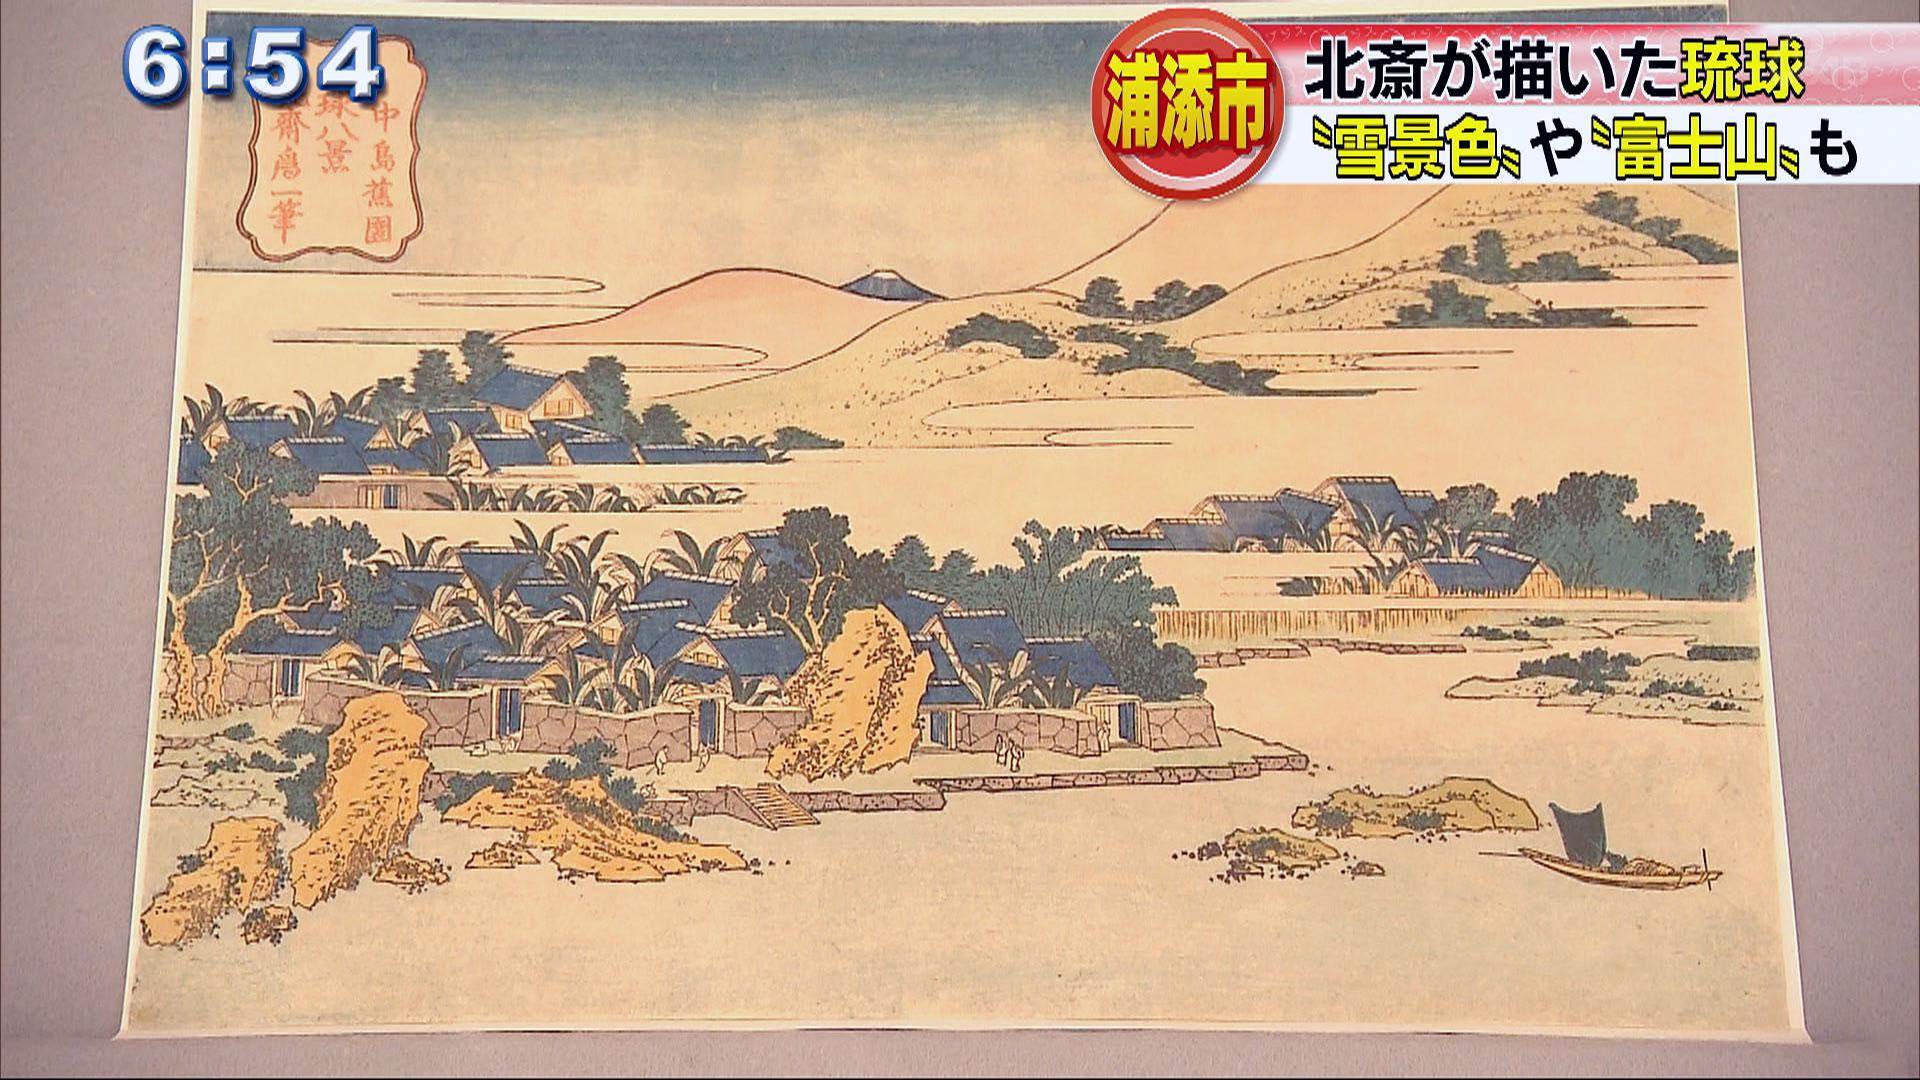 北斎が描いた琉球八景展